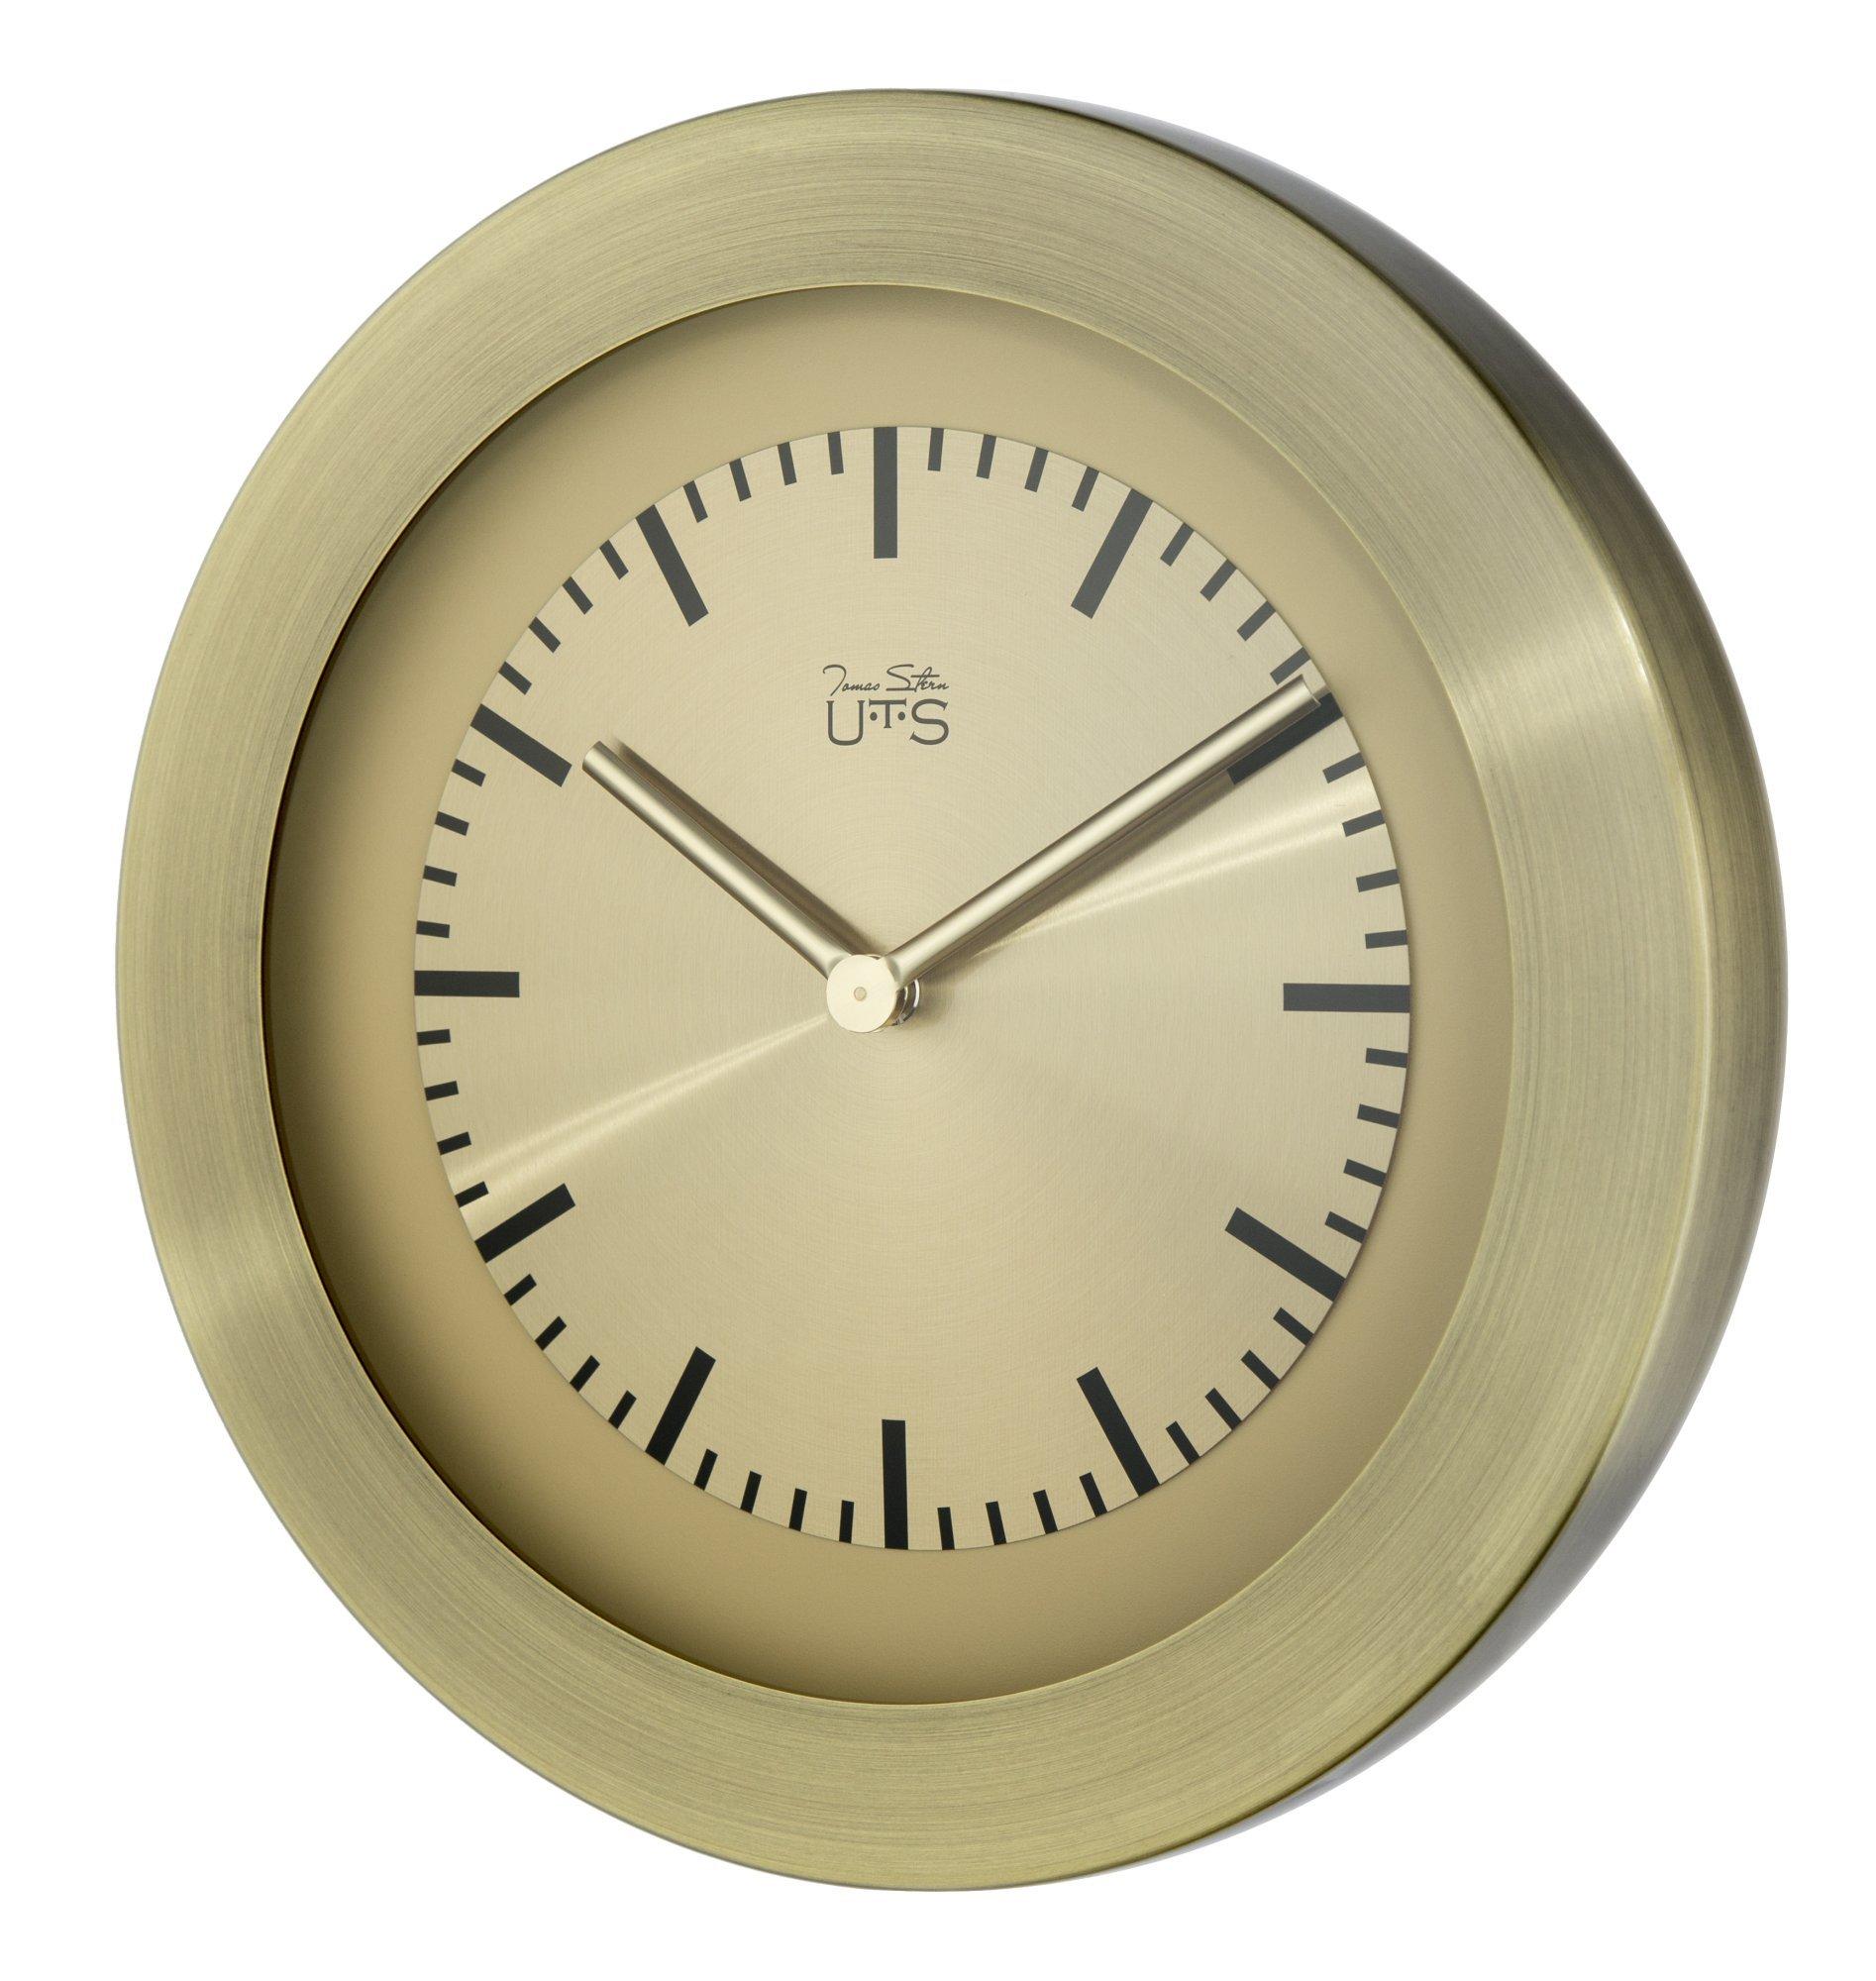 Часы настенные Часы настенные Tomas Stern 4008AG chasy-nastennye-tomas-stern-4008ag-germaniya.jpg